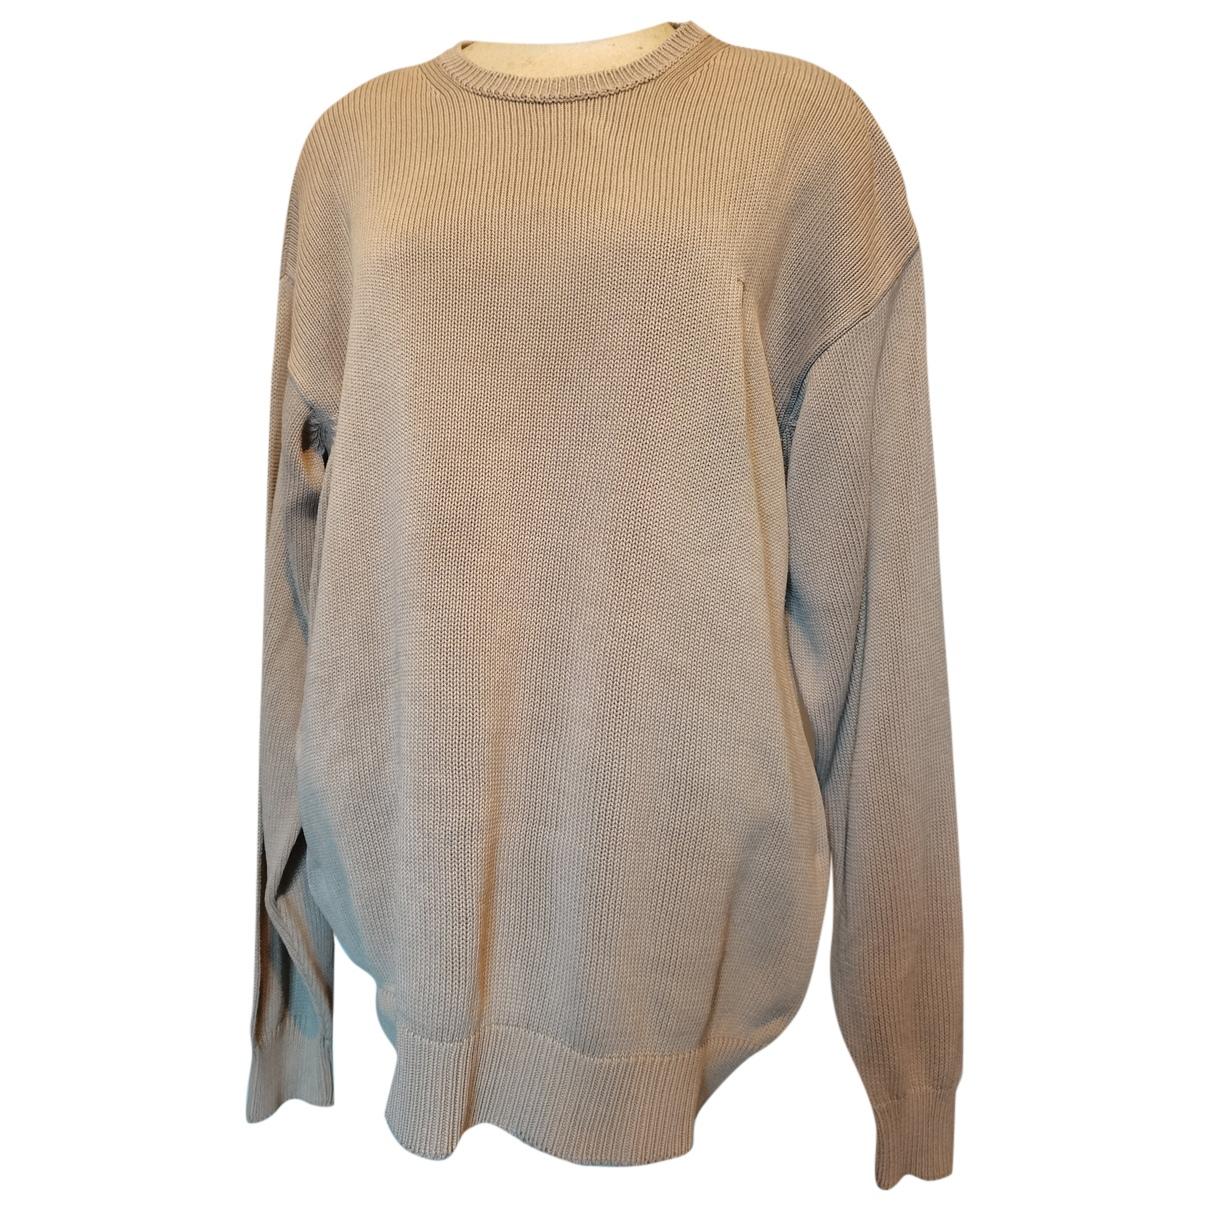 Trussardi - Pulls.Gilets.Sweats   pour homme en coton - beige